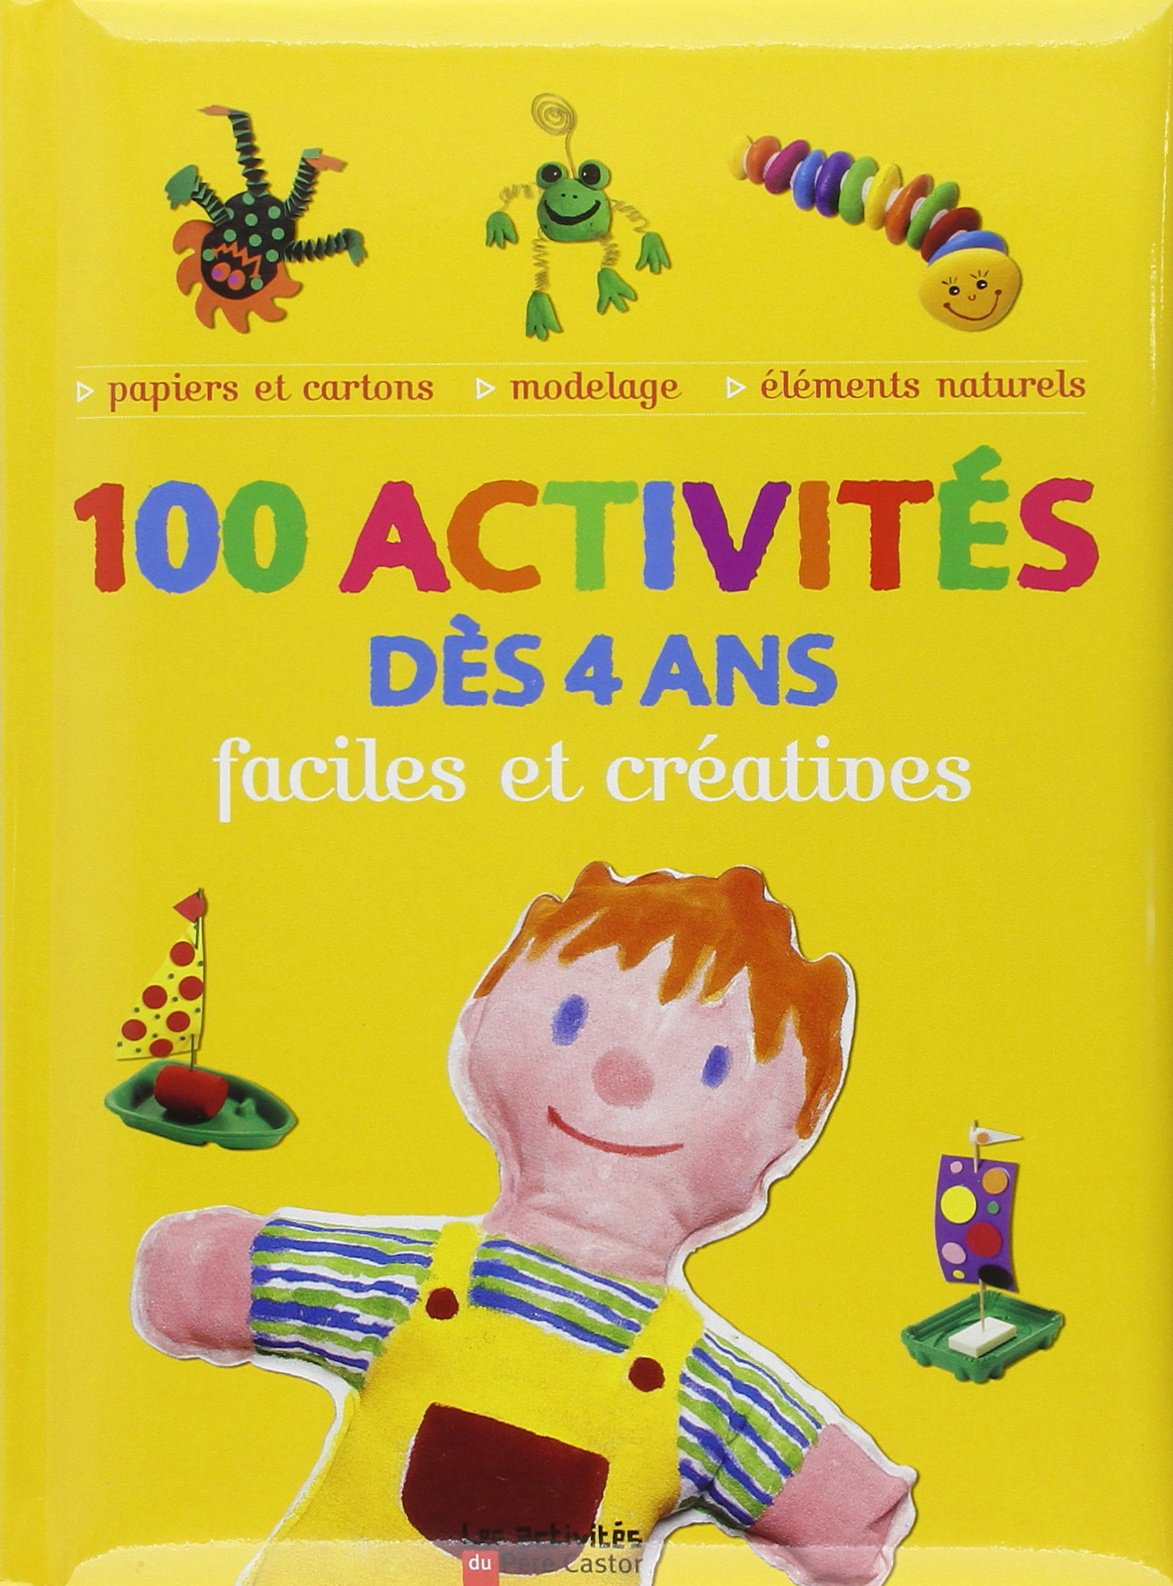 Amazonfr 100 Activités Dès 4 Ans Faciles Et Créatives